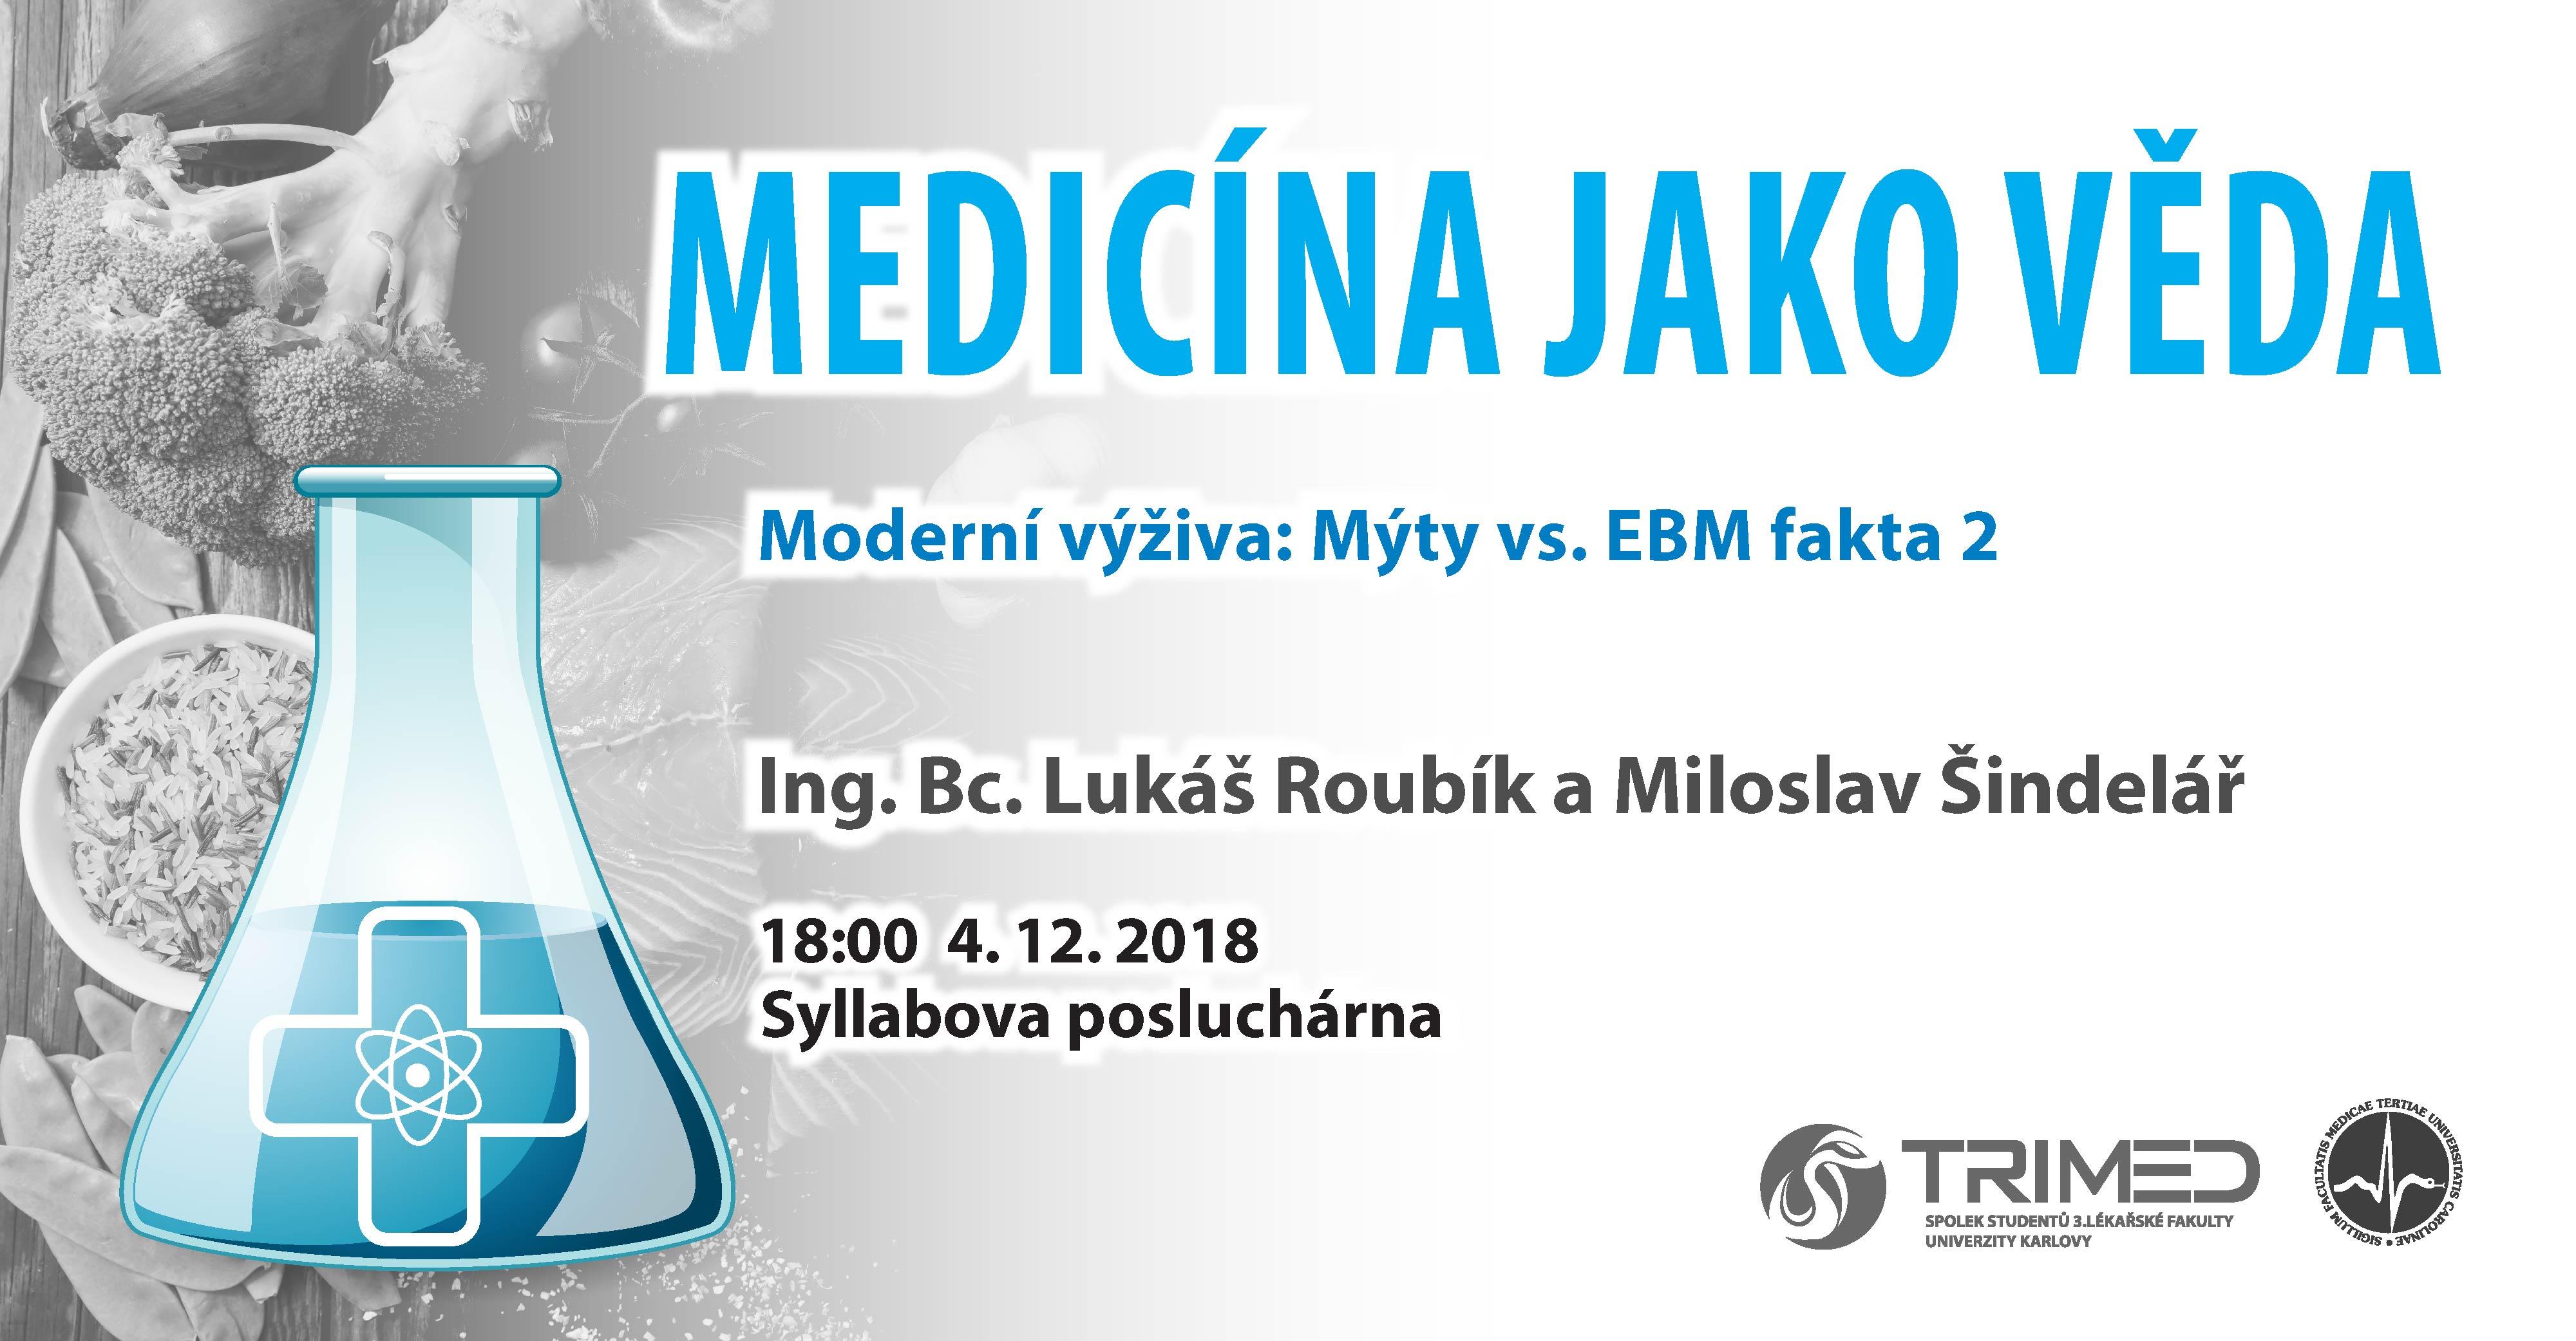 MJV-roubik